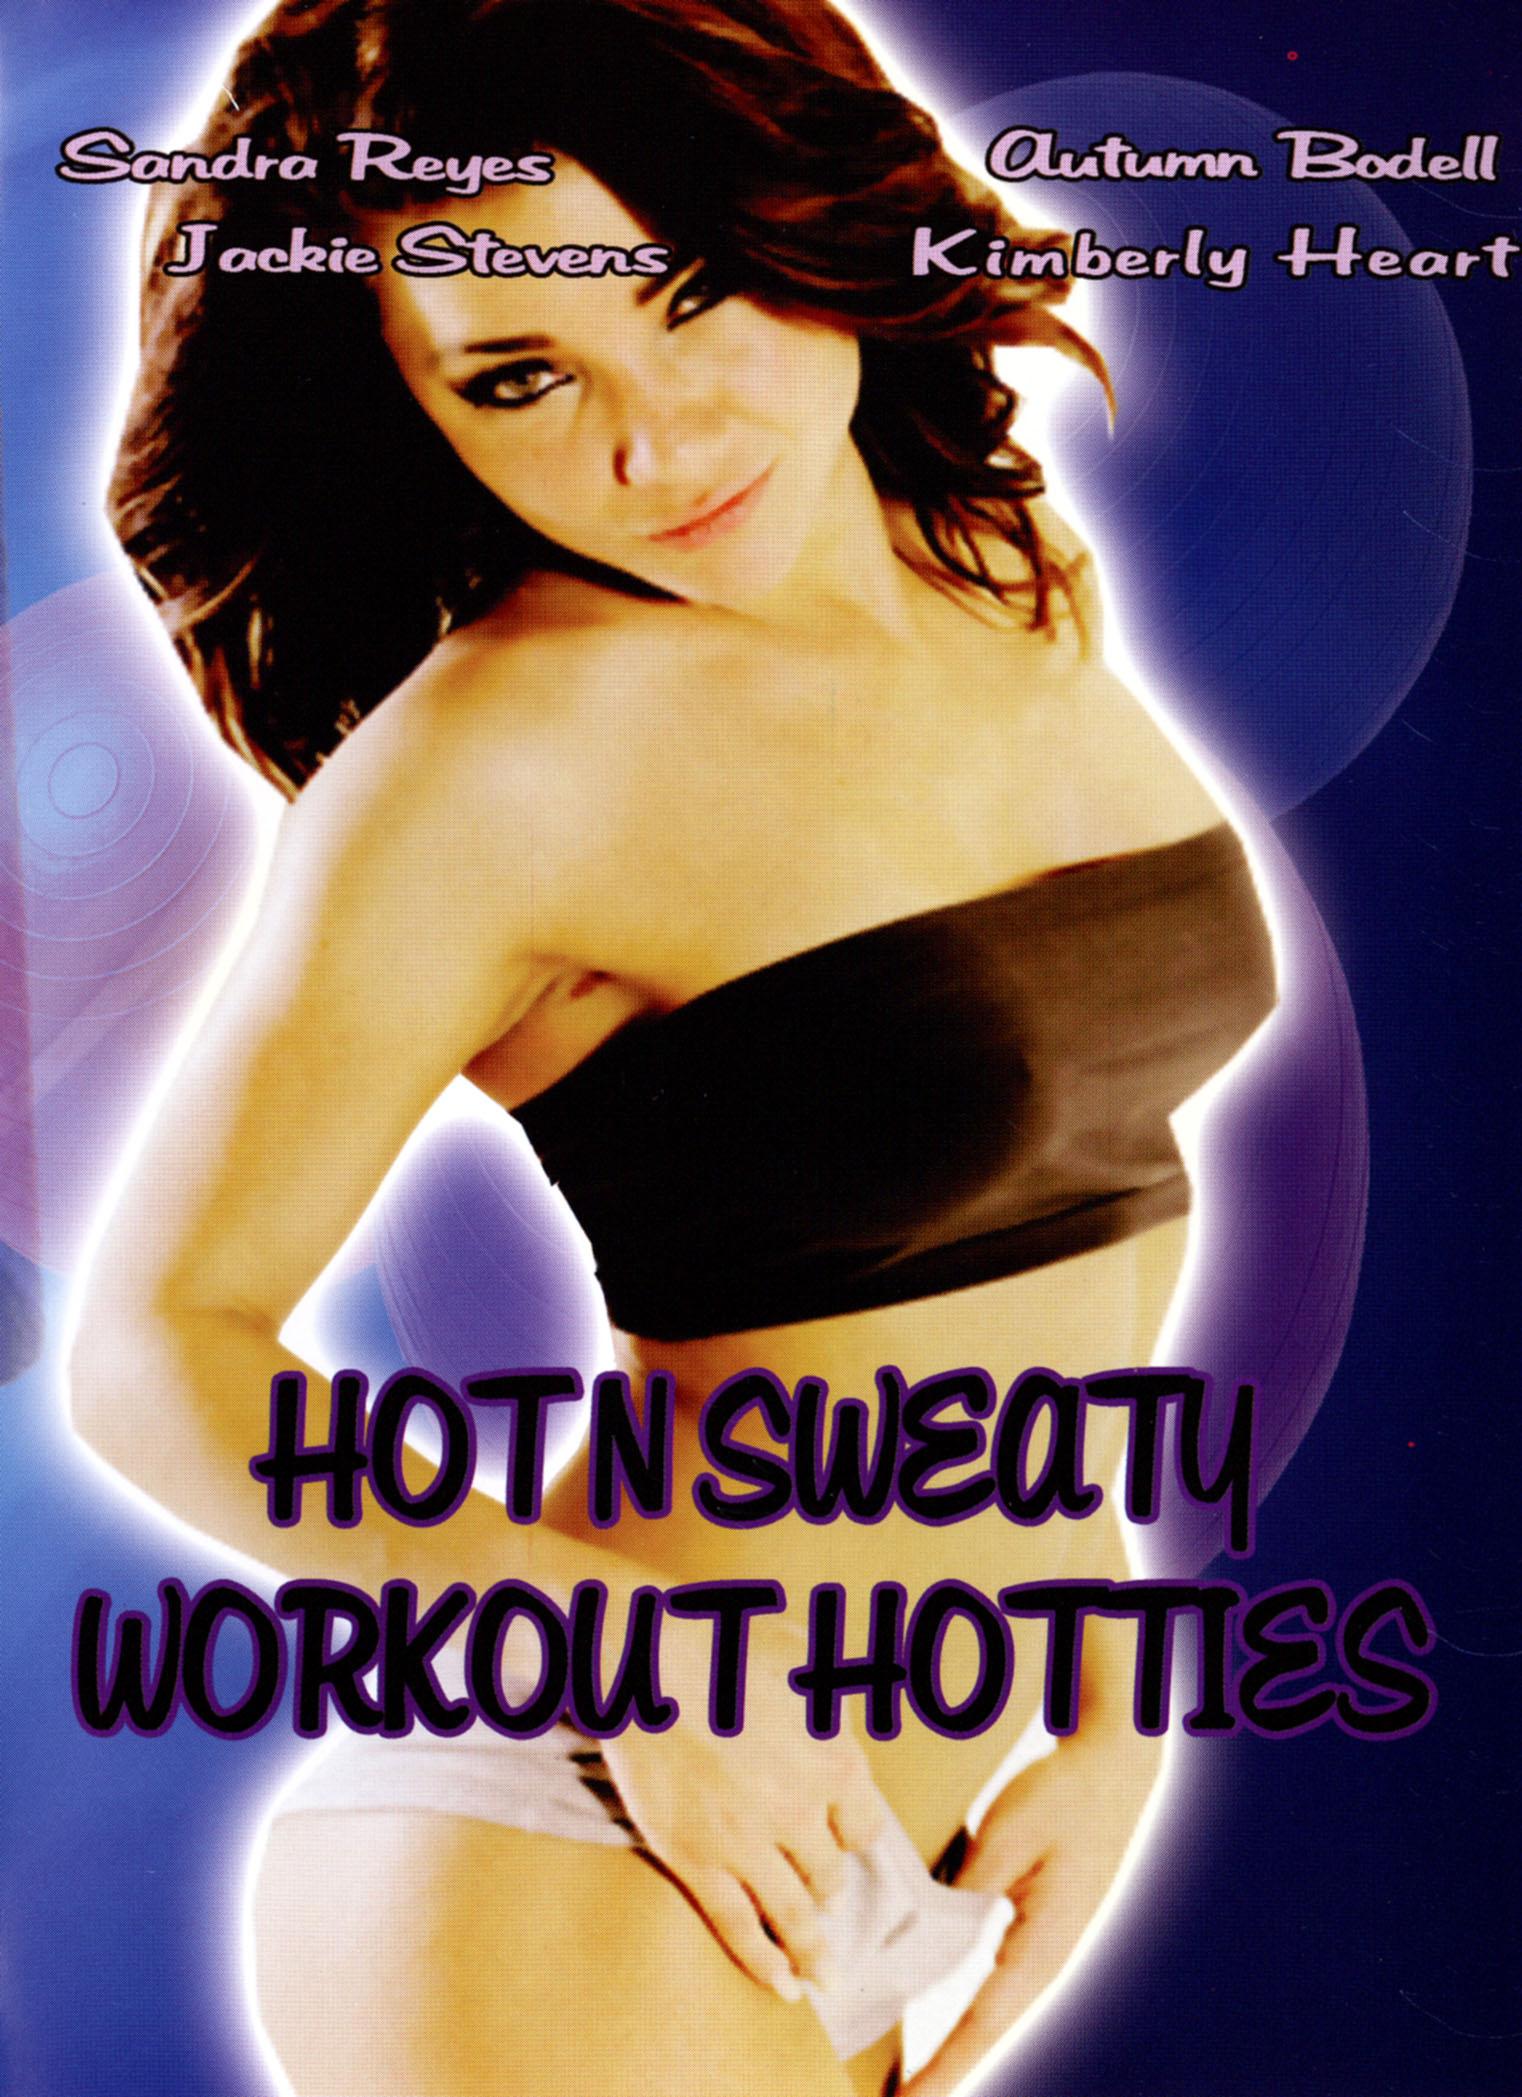 Hot N Sweaty Workout Hotties